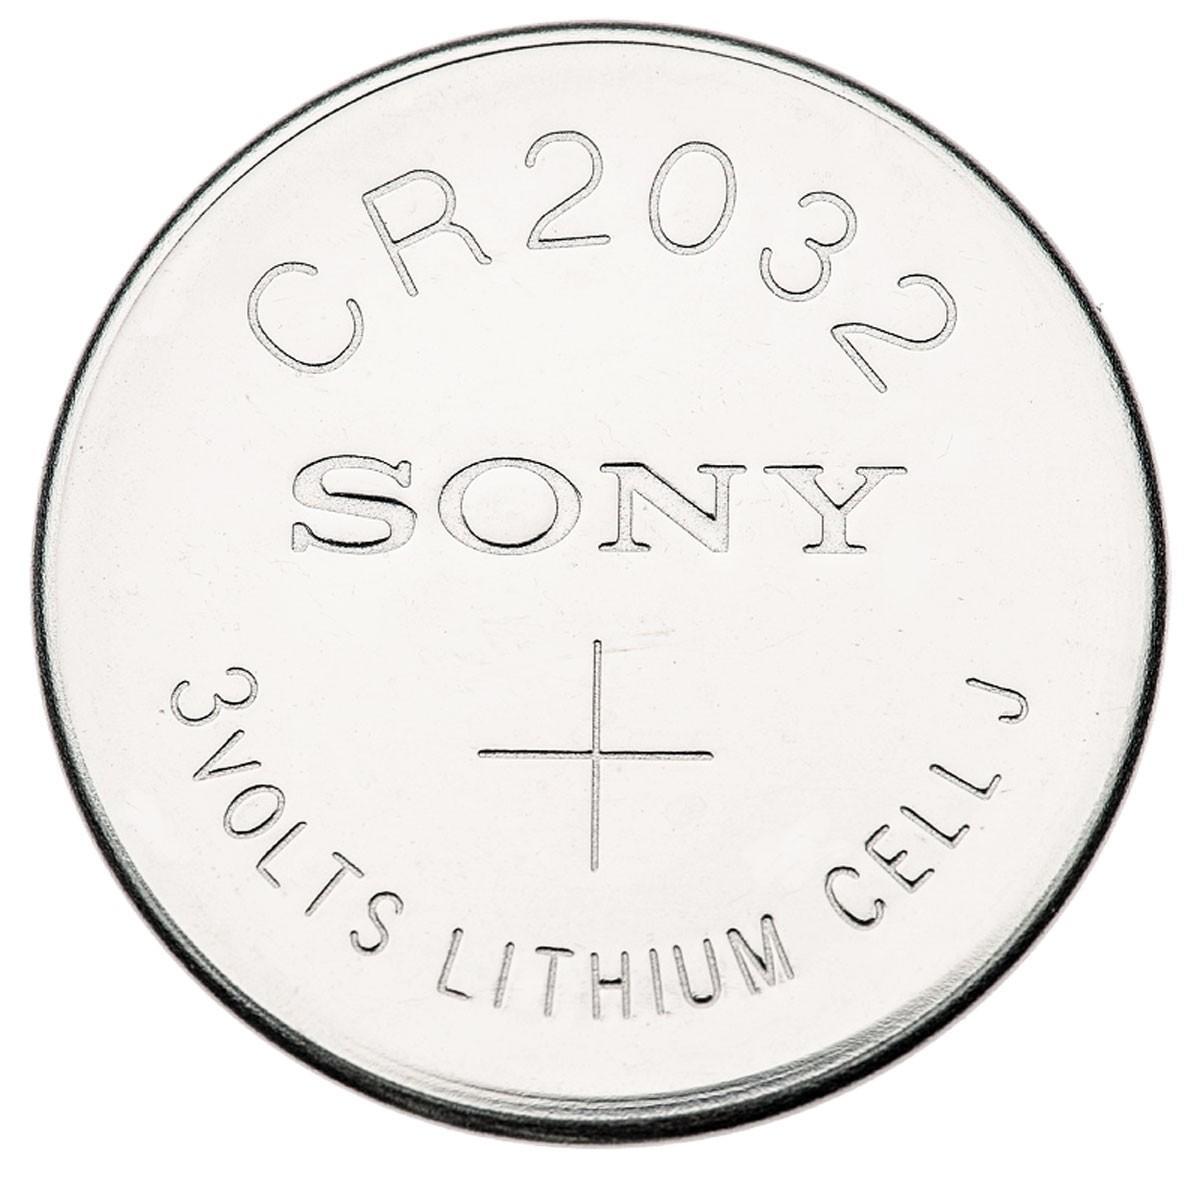 Baterías 1001390954 a un precio bajo, ¡comprar ahora!